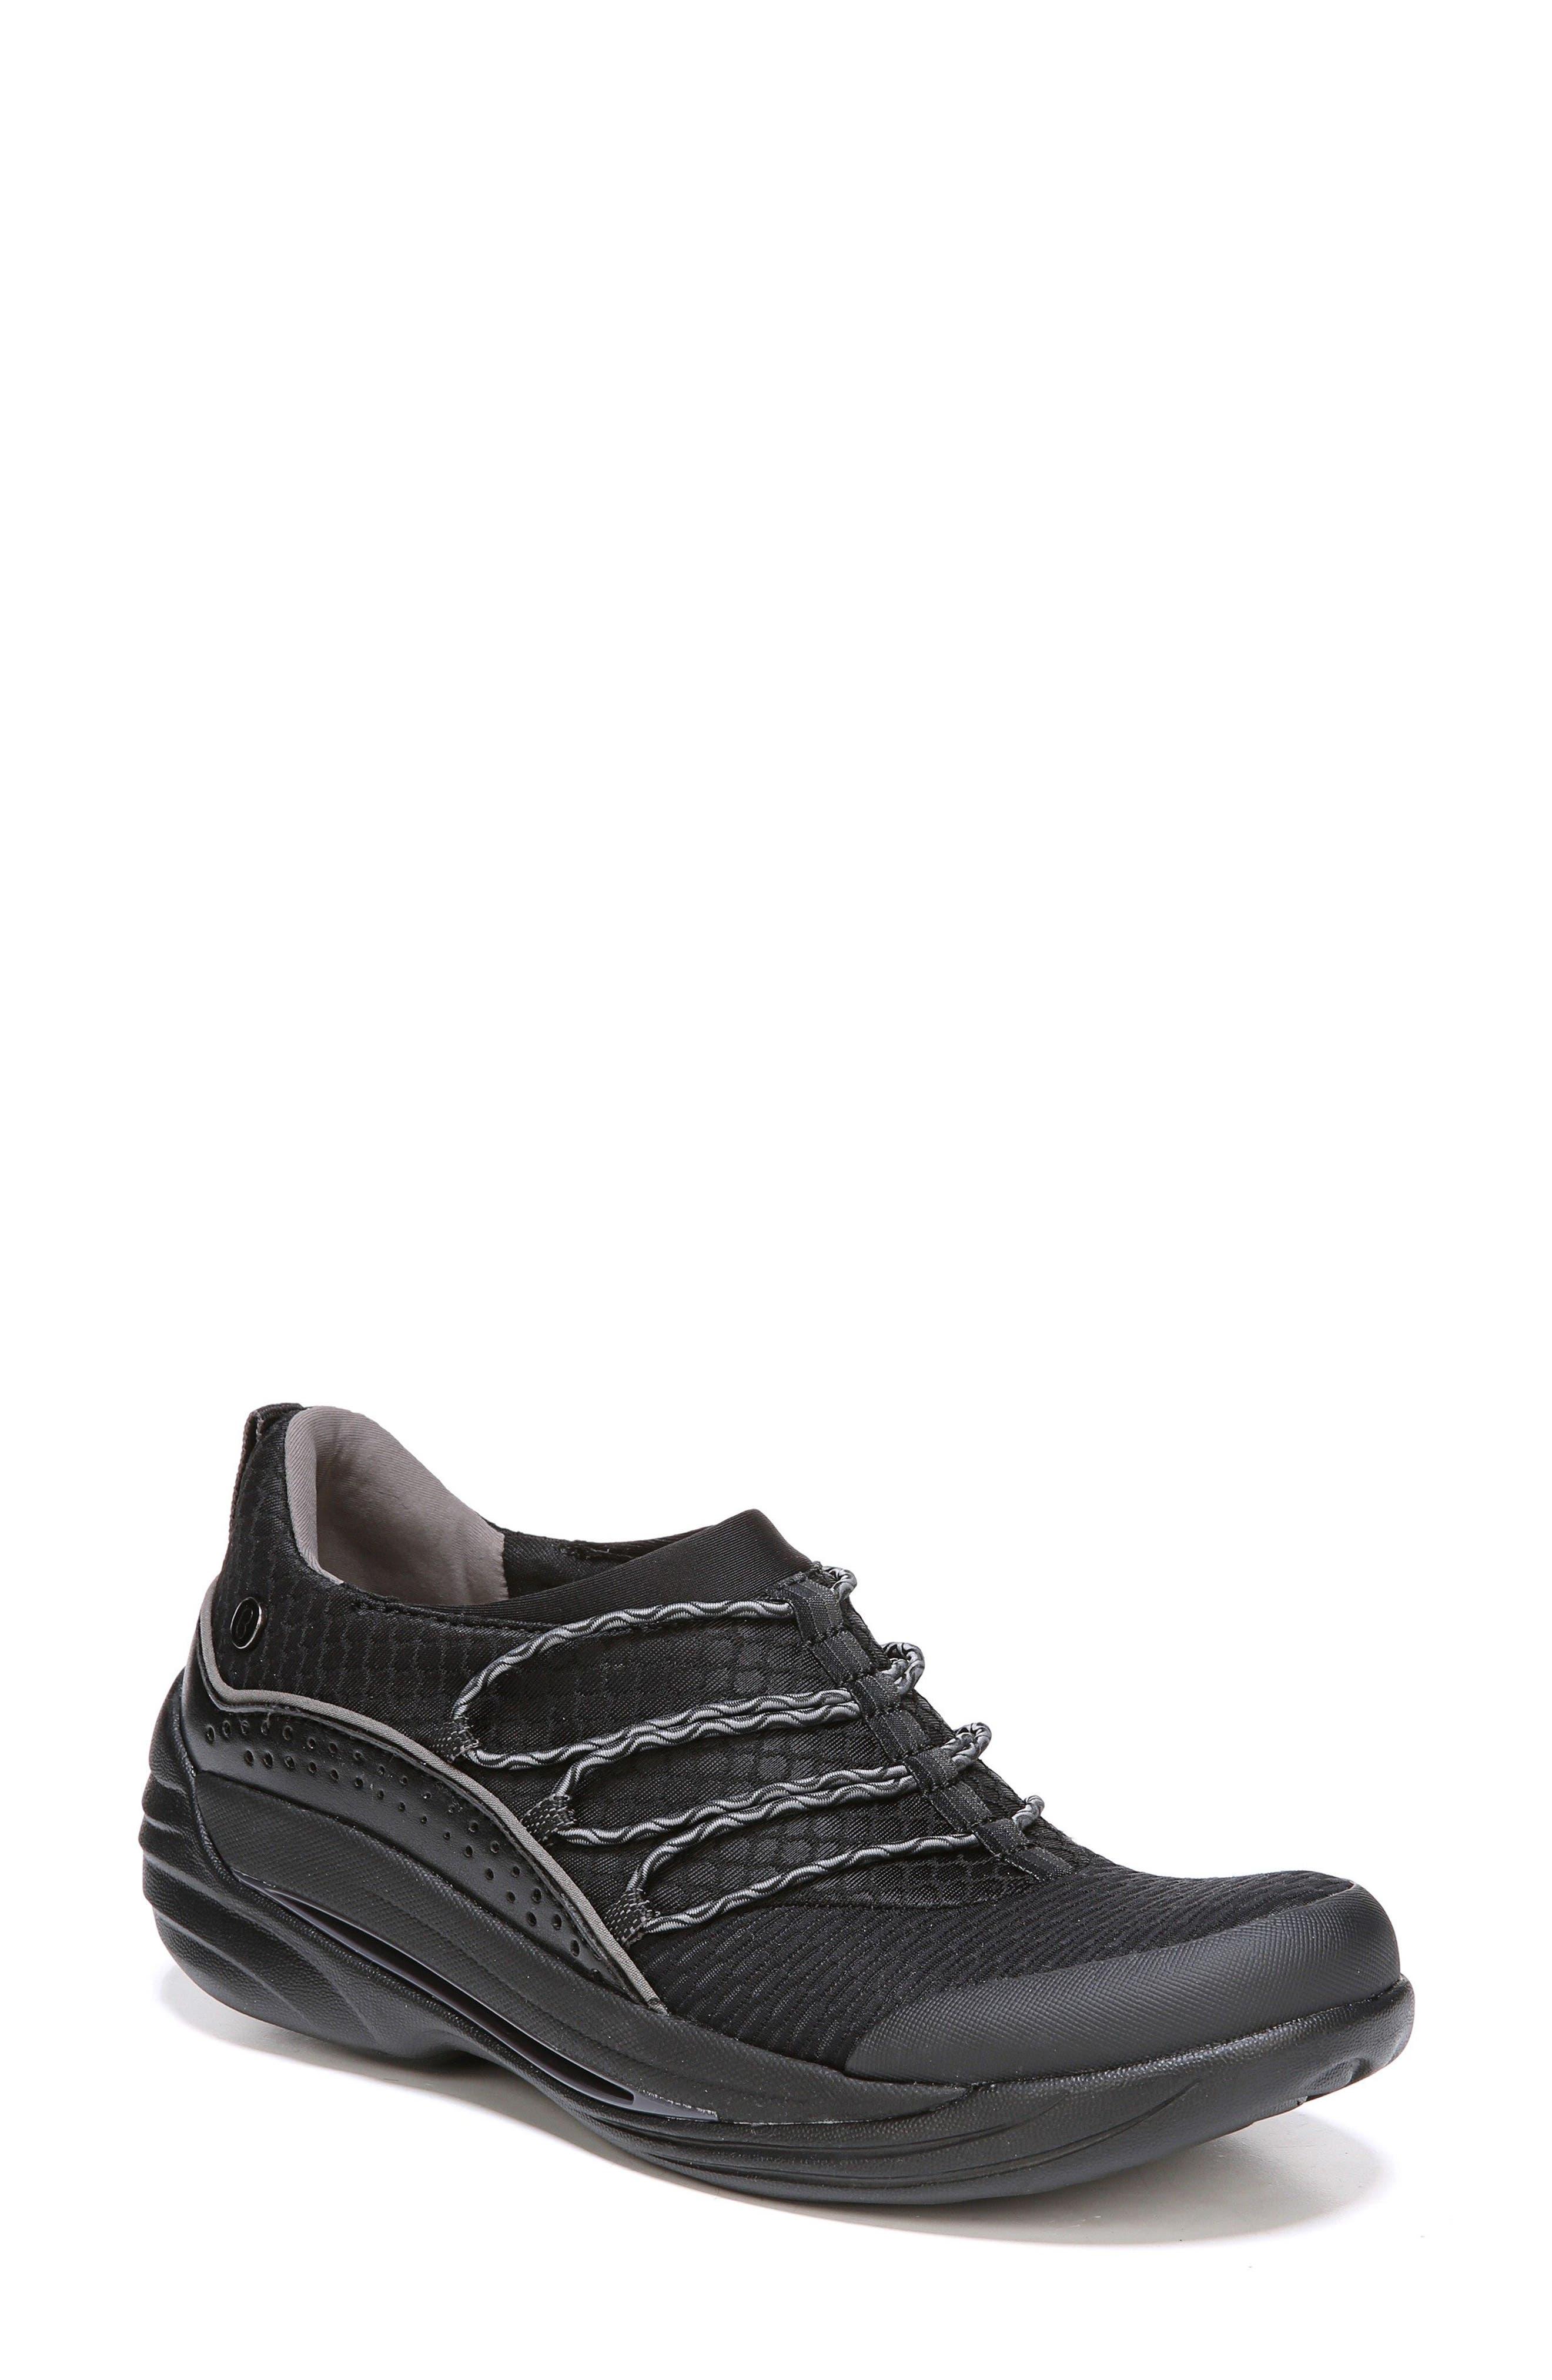 Pisces Slip-On Sneaker,                         Main,                         color, Black